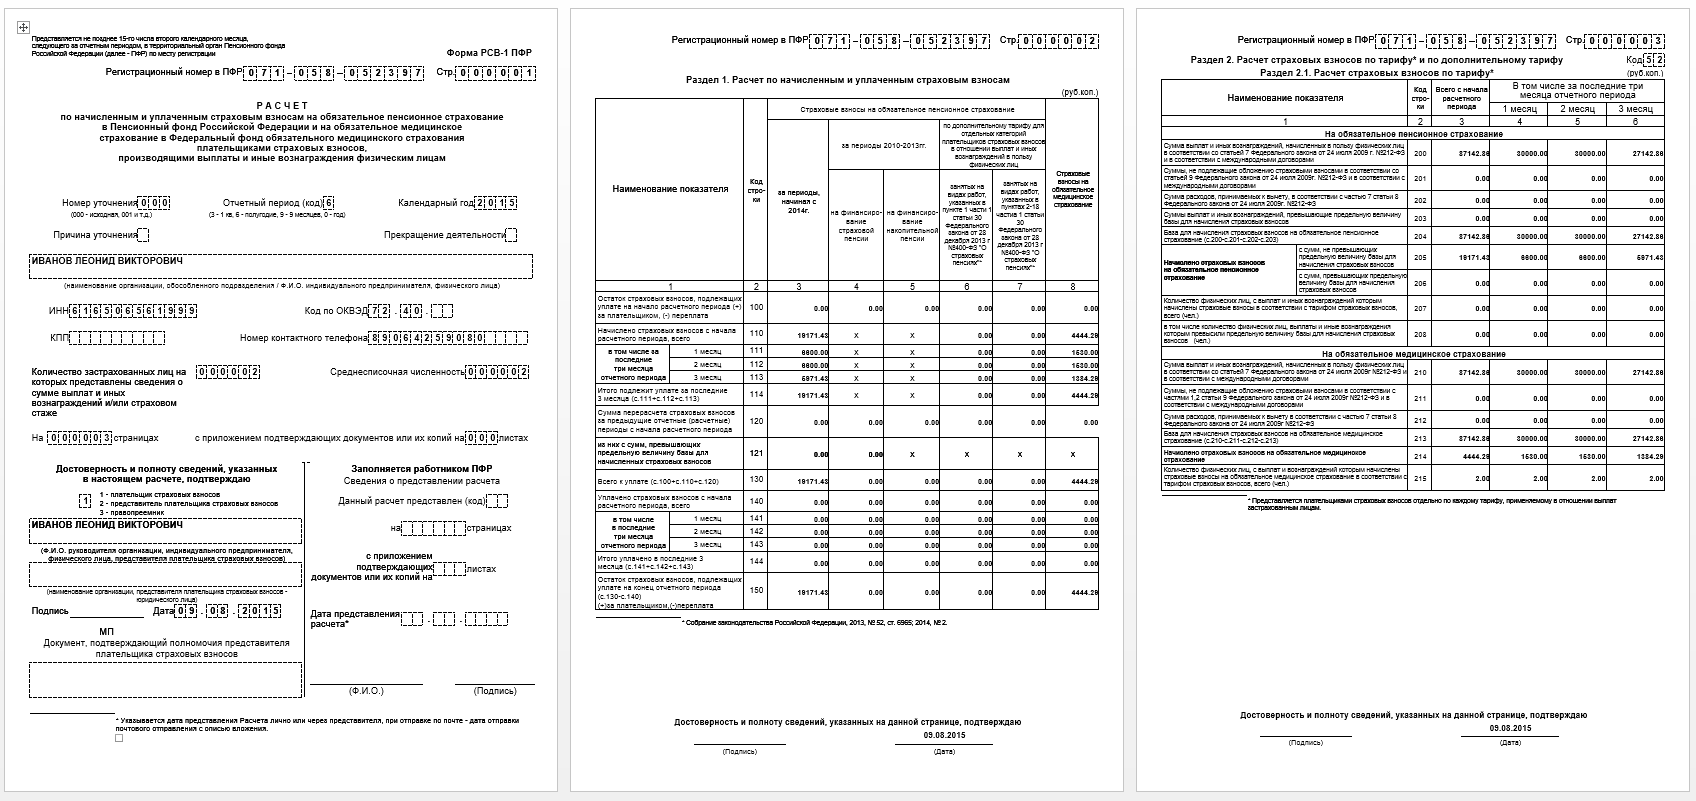 фсс портал бланк заполнения о виде деятельности